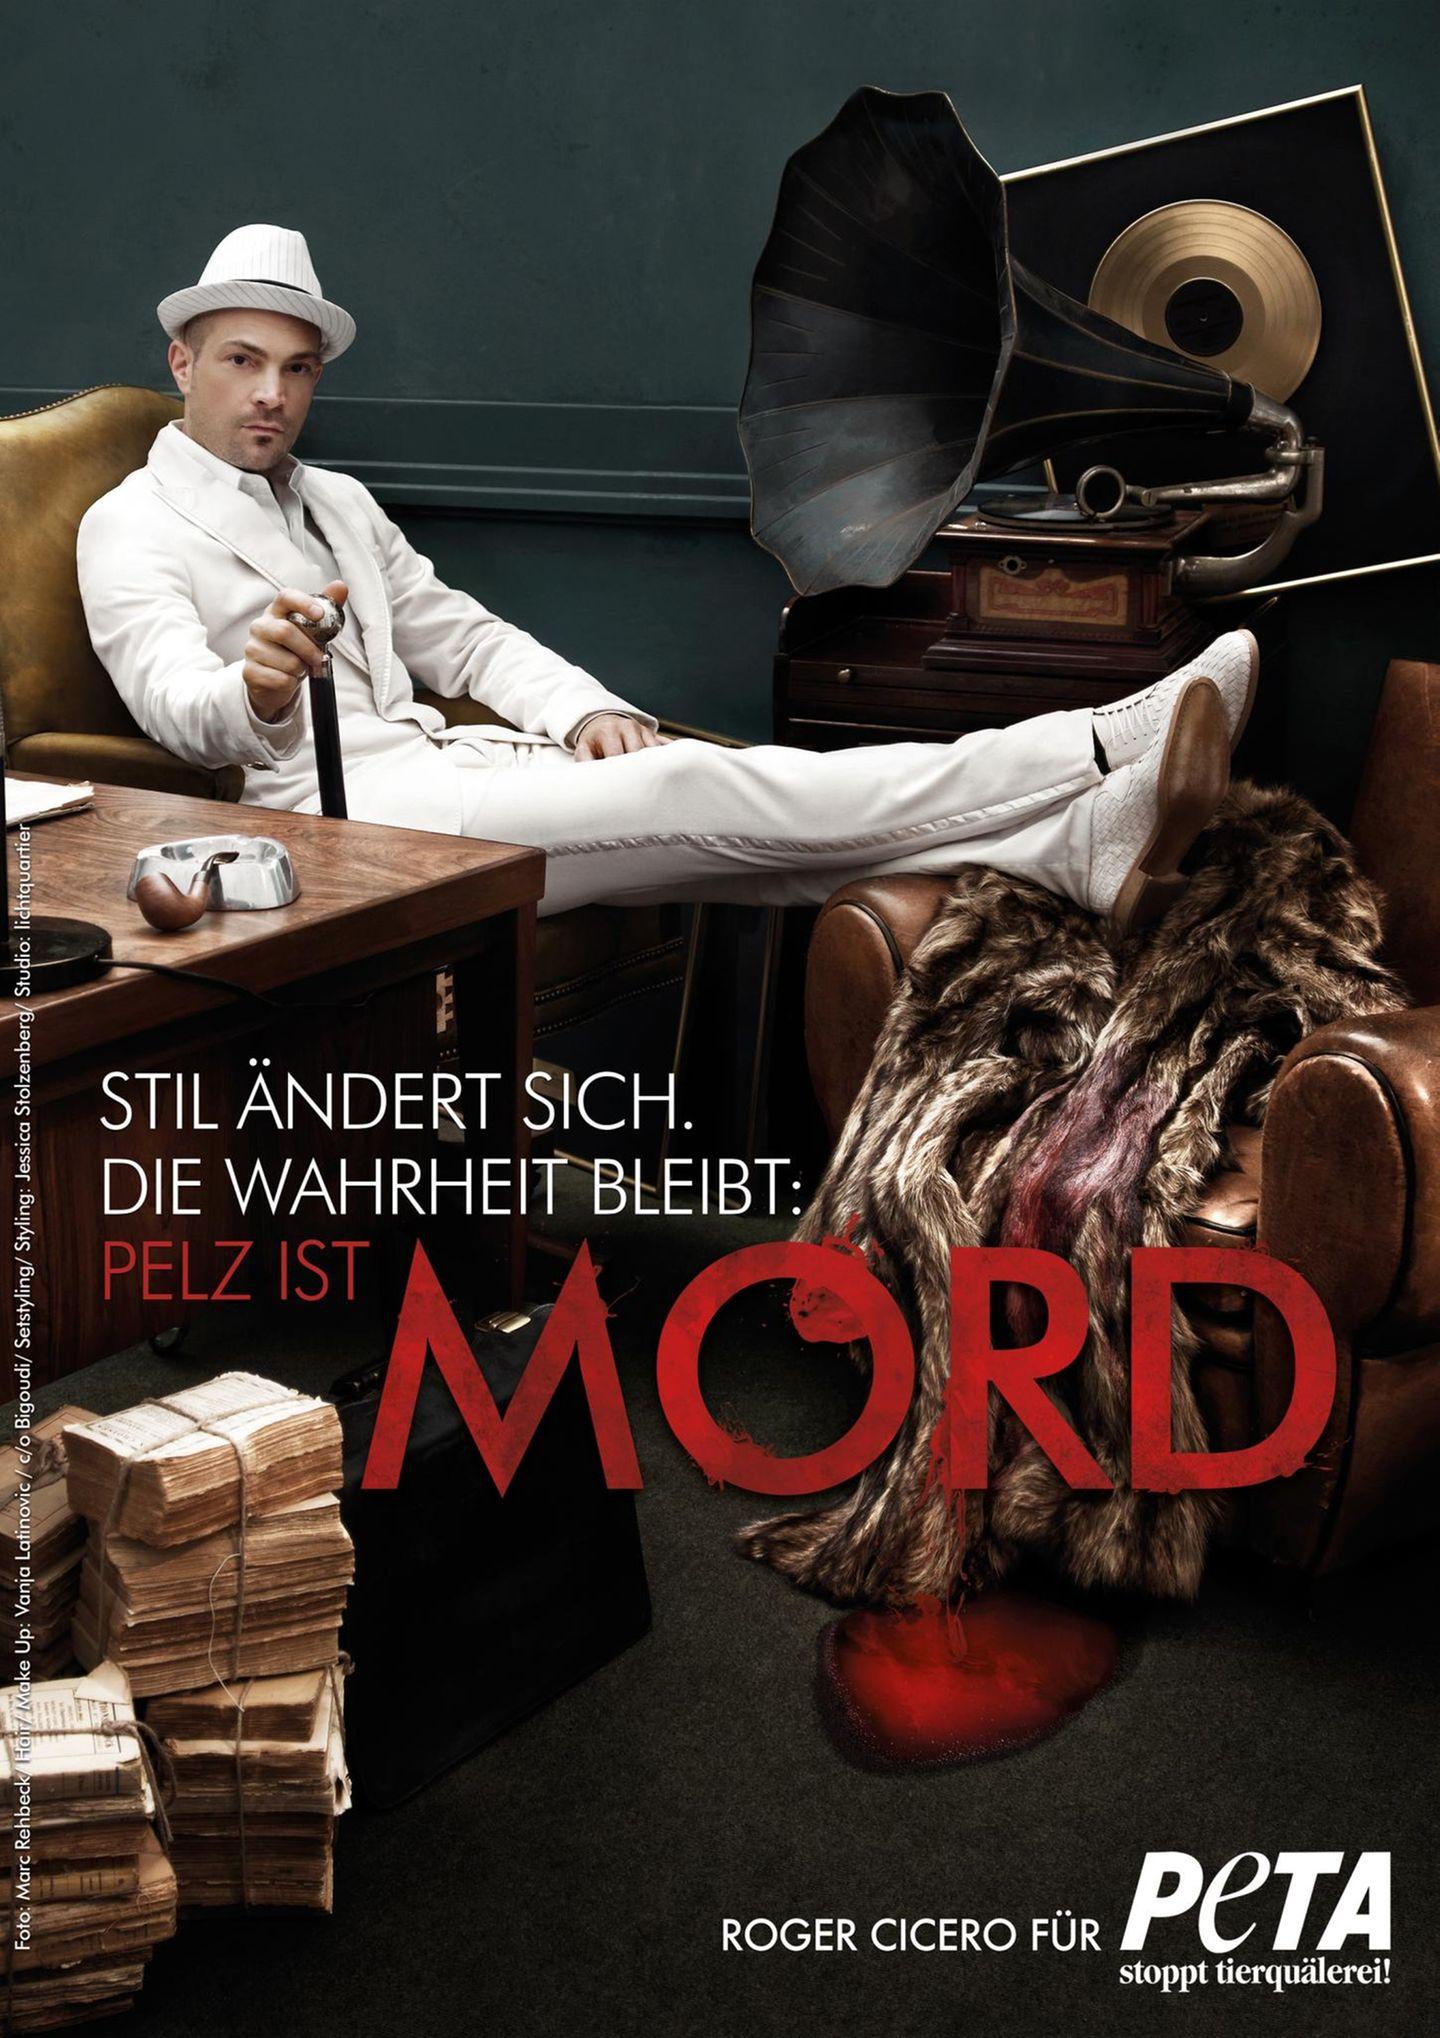 """Mit den Worten """"Stil ändert sich. Die Wahrheit bleibt: Pelz ist Mord"""" macht sich der Musiker Roger Cicero gegen die Pelzindustrie stark."""